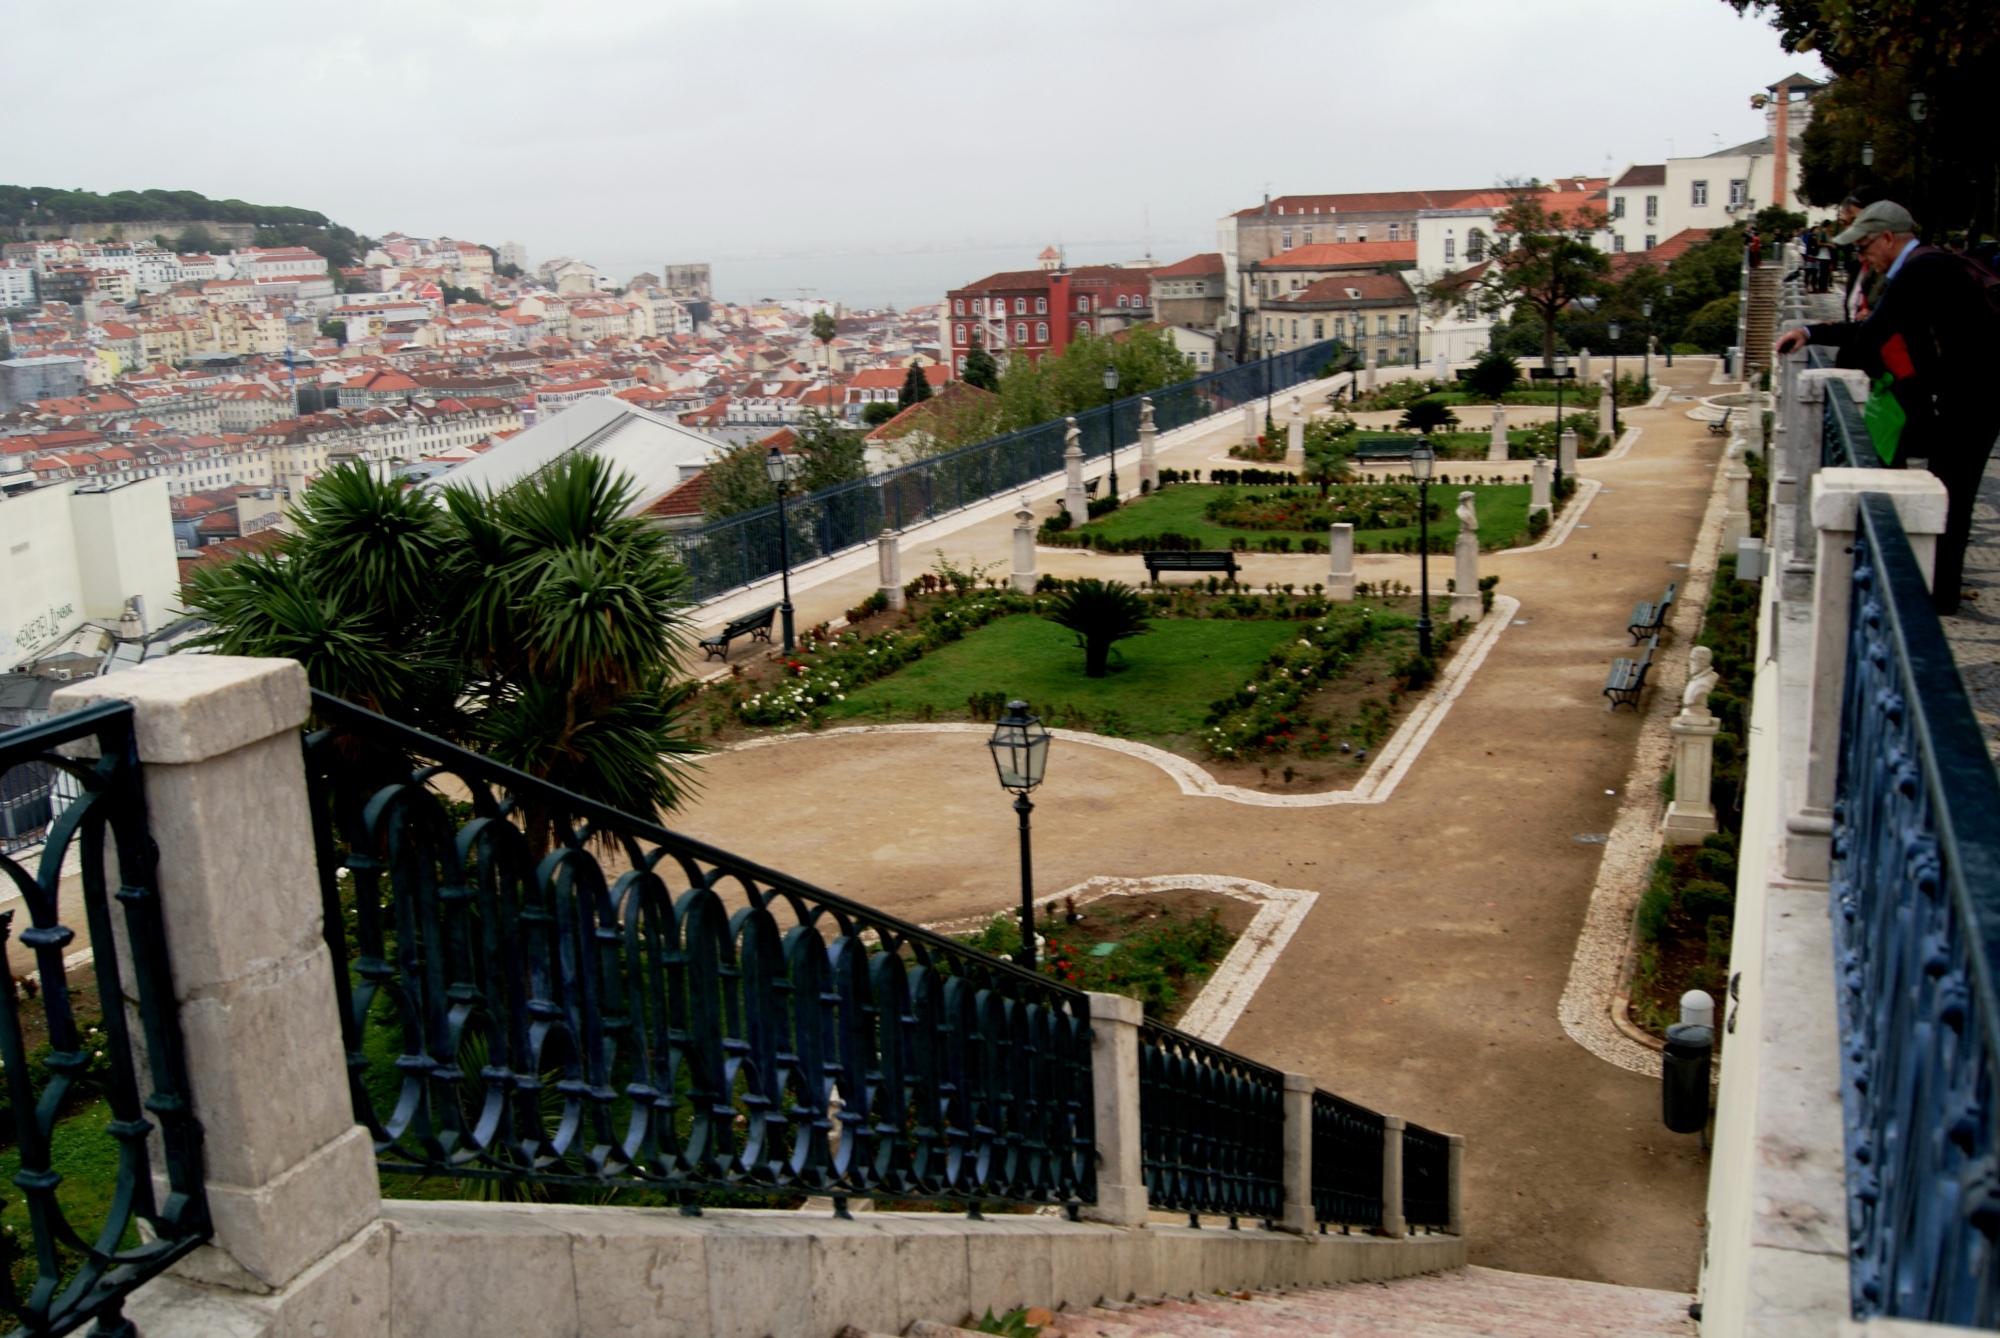 Miradouro de Sao Pedro de Alcantara